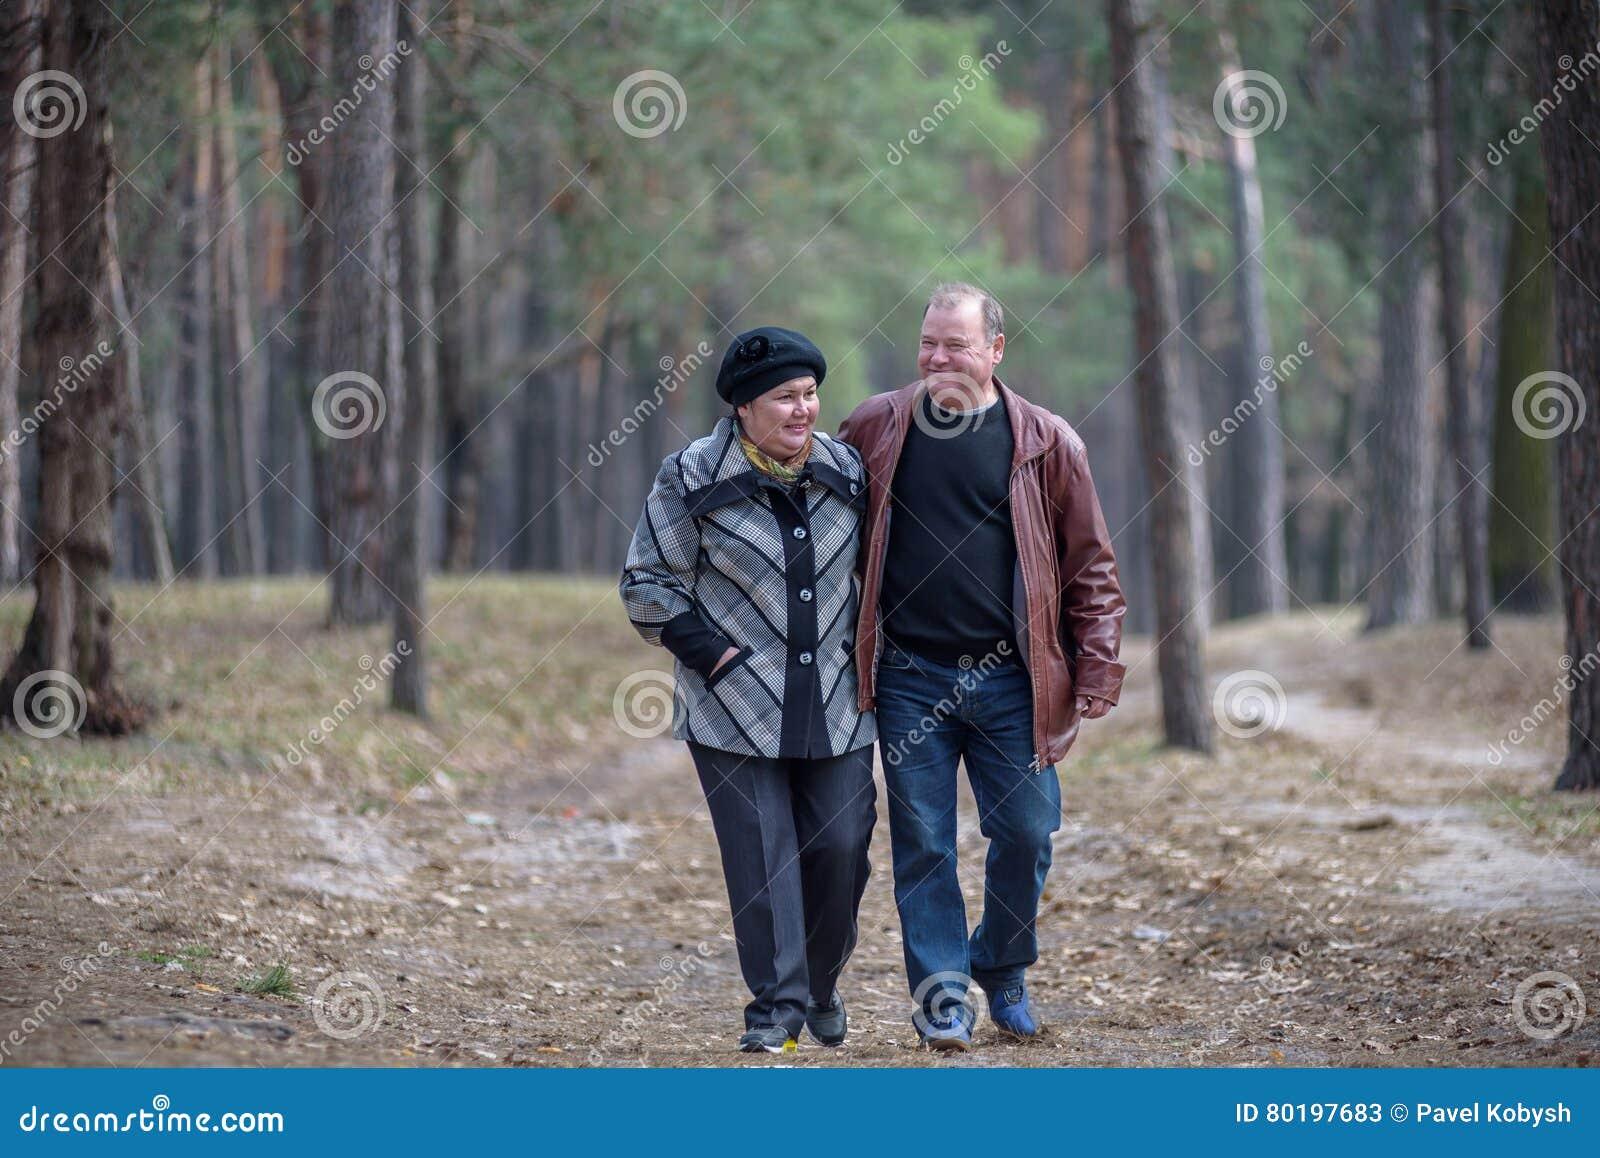 цвета парня имеют в лесу без